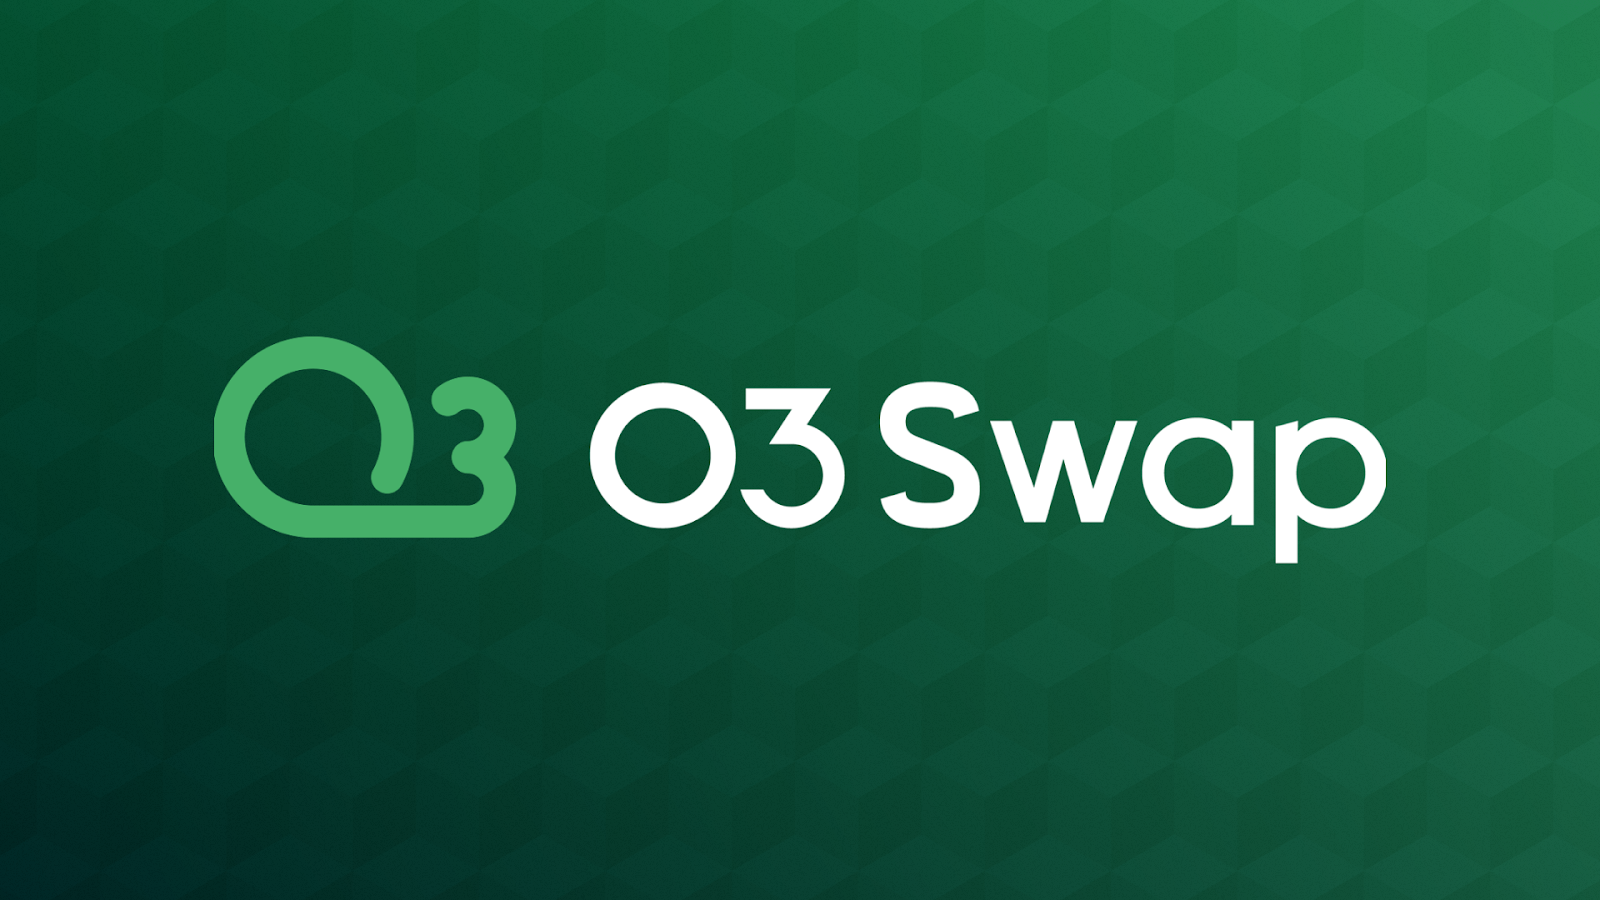 Blog O3 Swap Logo Green